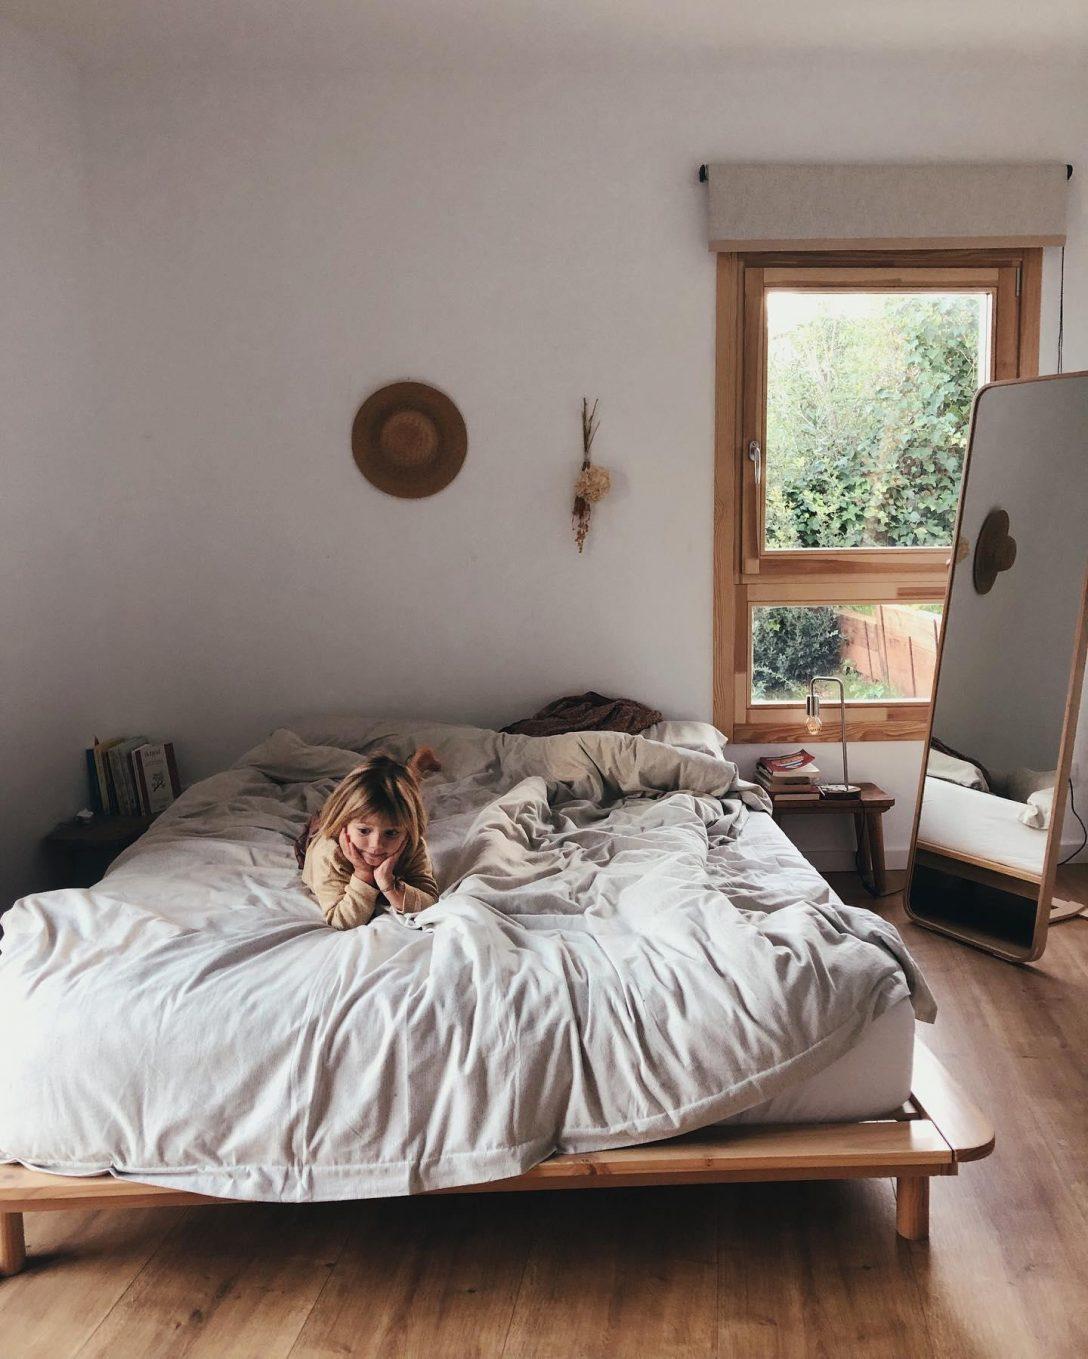 Large Size of Betten Mit Aufbewahrung Ikea 140x200 90x200 Bett 160x200 Vakuum 120x200 Aufbewahrungstasche Stauraum Made Essentials Kano Holzbett 160 200 Cm Badezimmer Bett Betten Mit Aufbewahrung